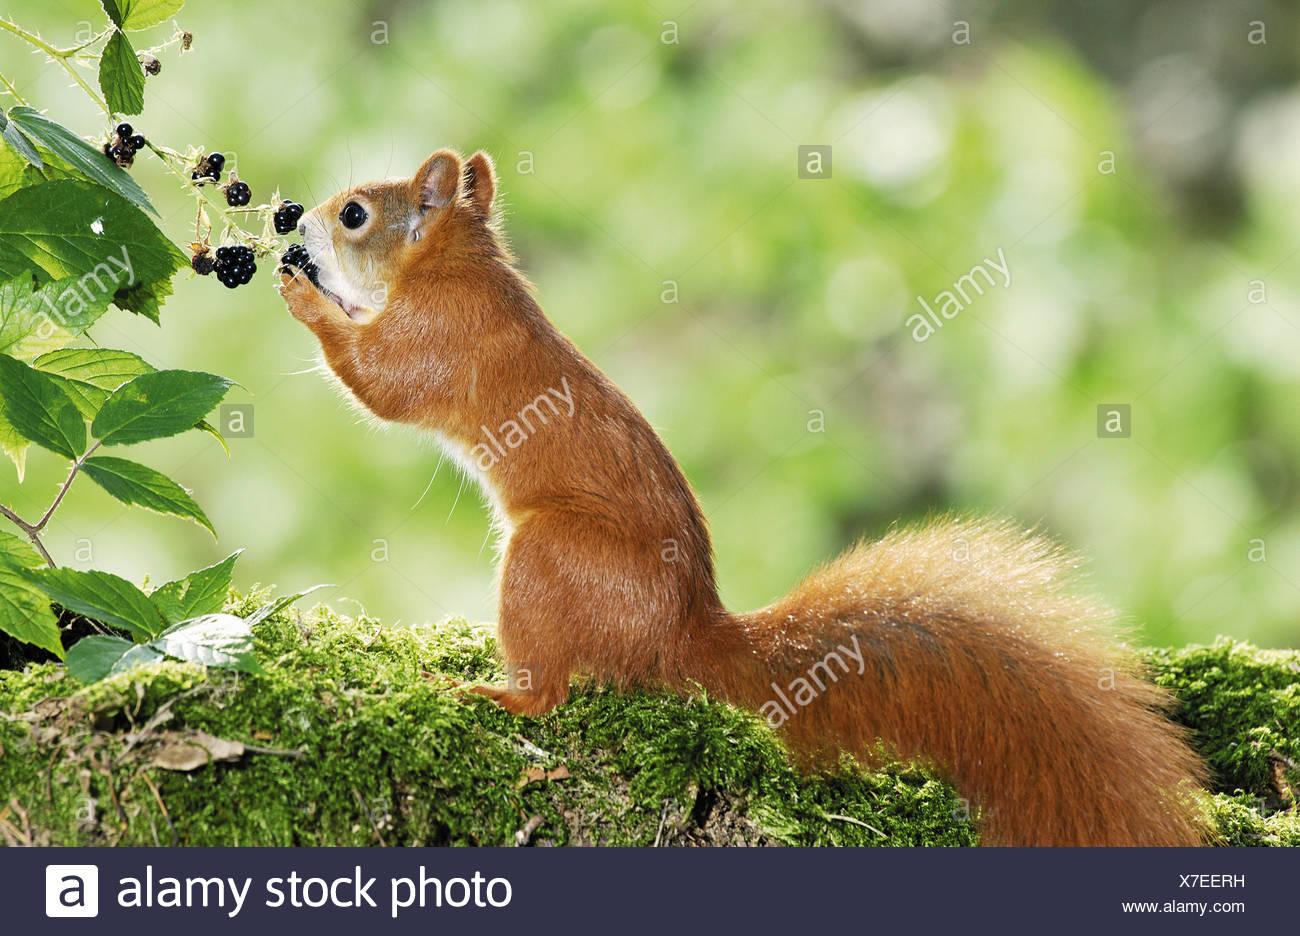 Junge europäische Eichhörnchen essen Brombeeren Stockbild